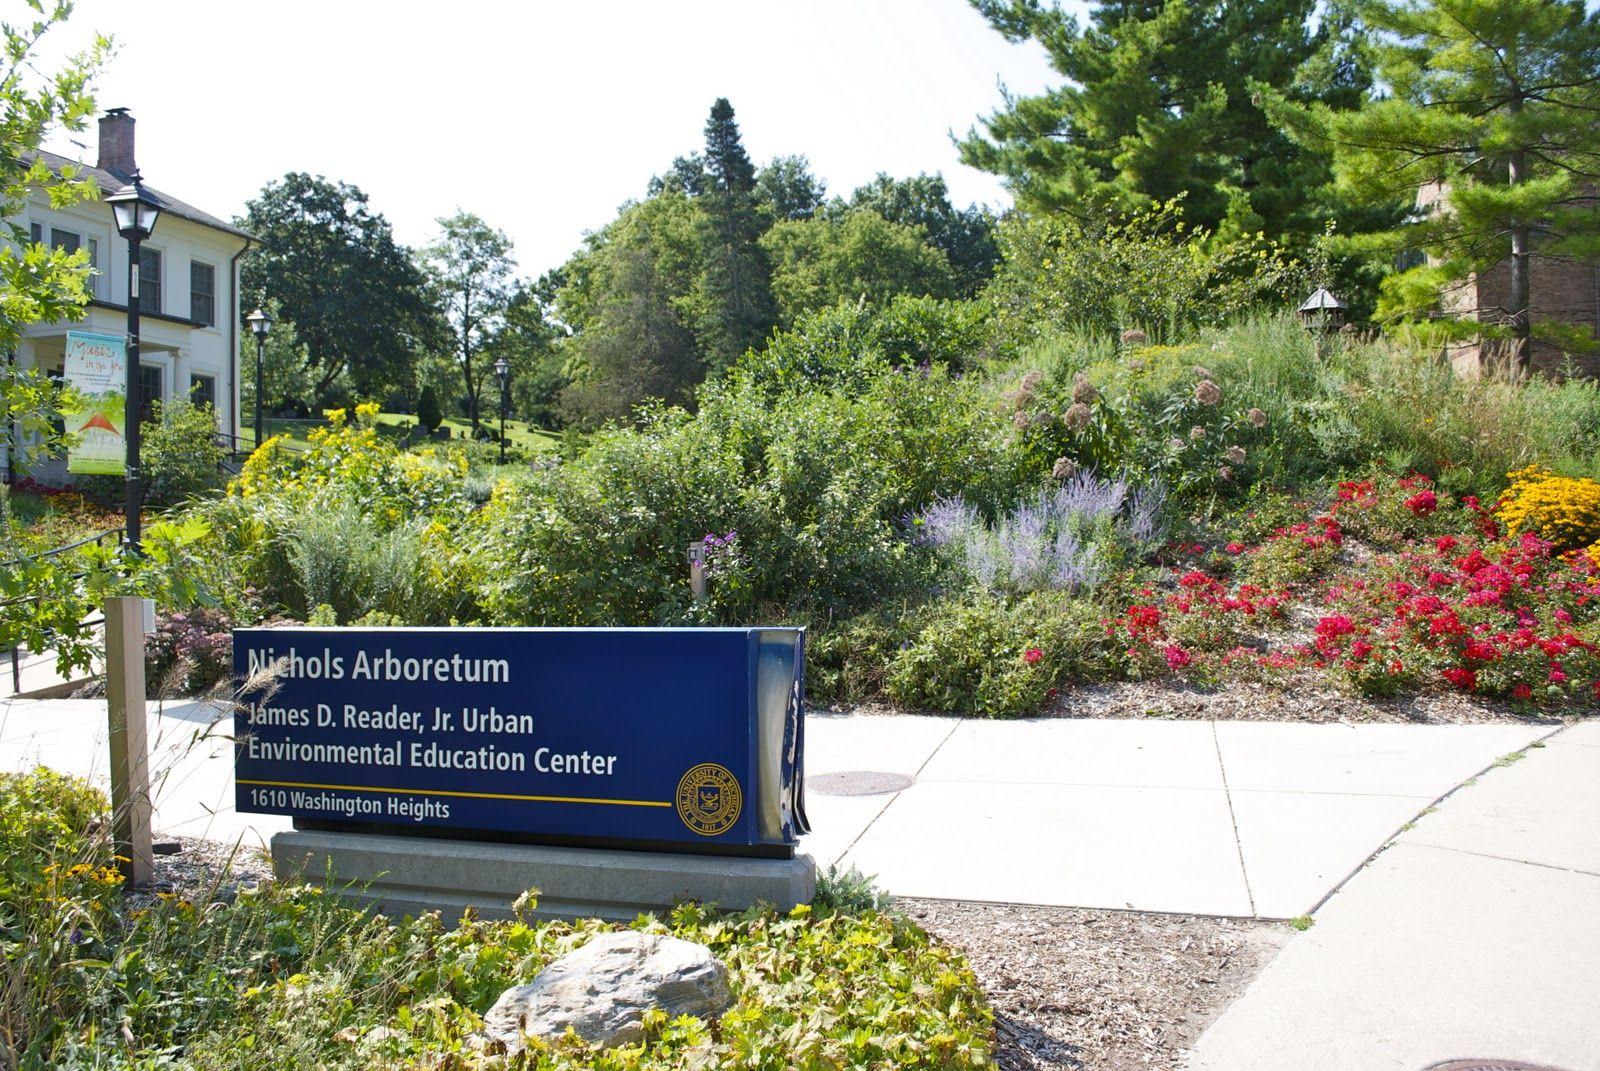 Nichols Arboretum At The University Of Michigan In Ann Arbor Michigan Pure Michigan